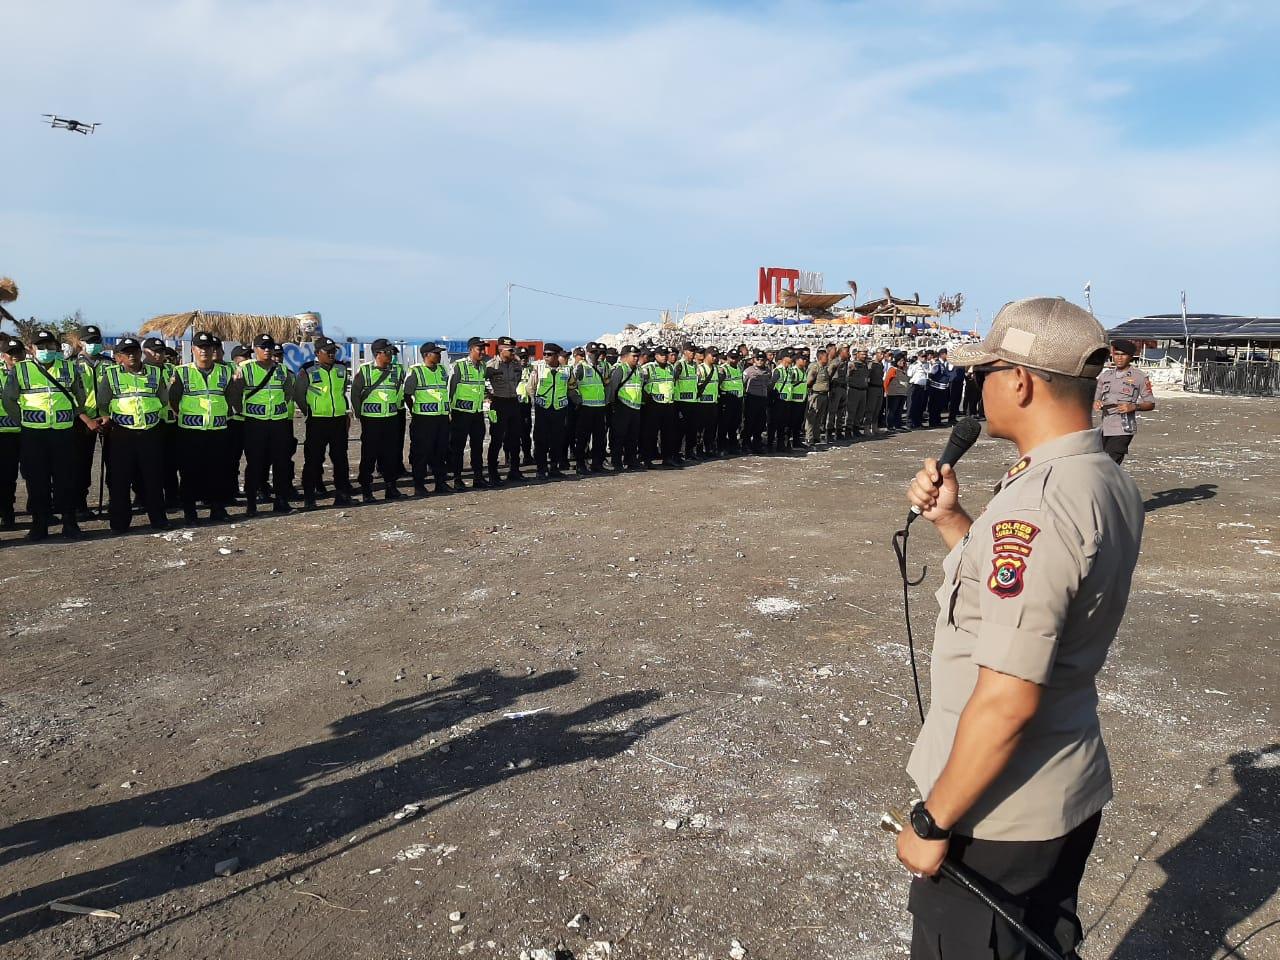 Malam Puncak HUT NTT dan HUT Slank, Kapolres Sumba Timur : Kita Siap Amankan Kegiatan Malam Hari Ini